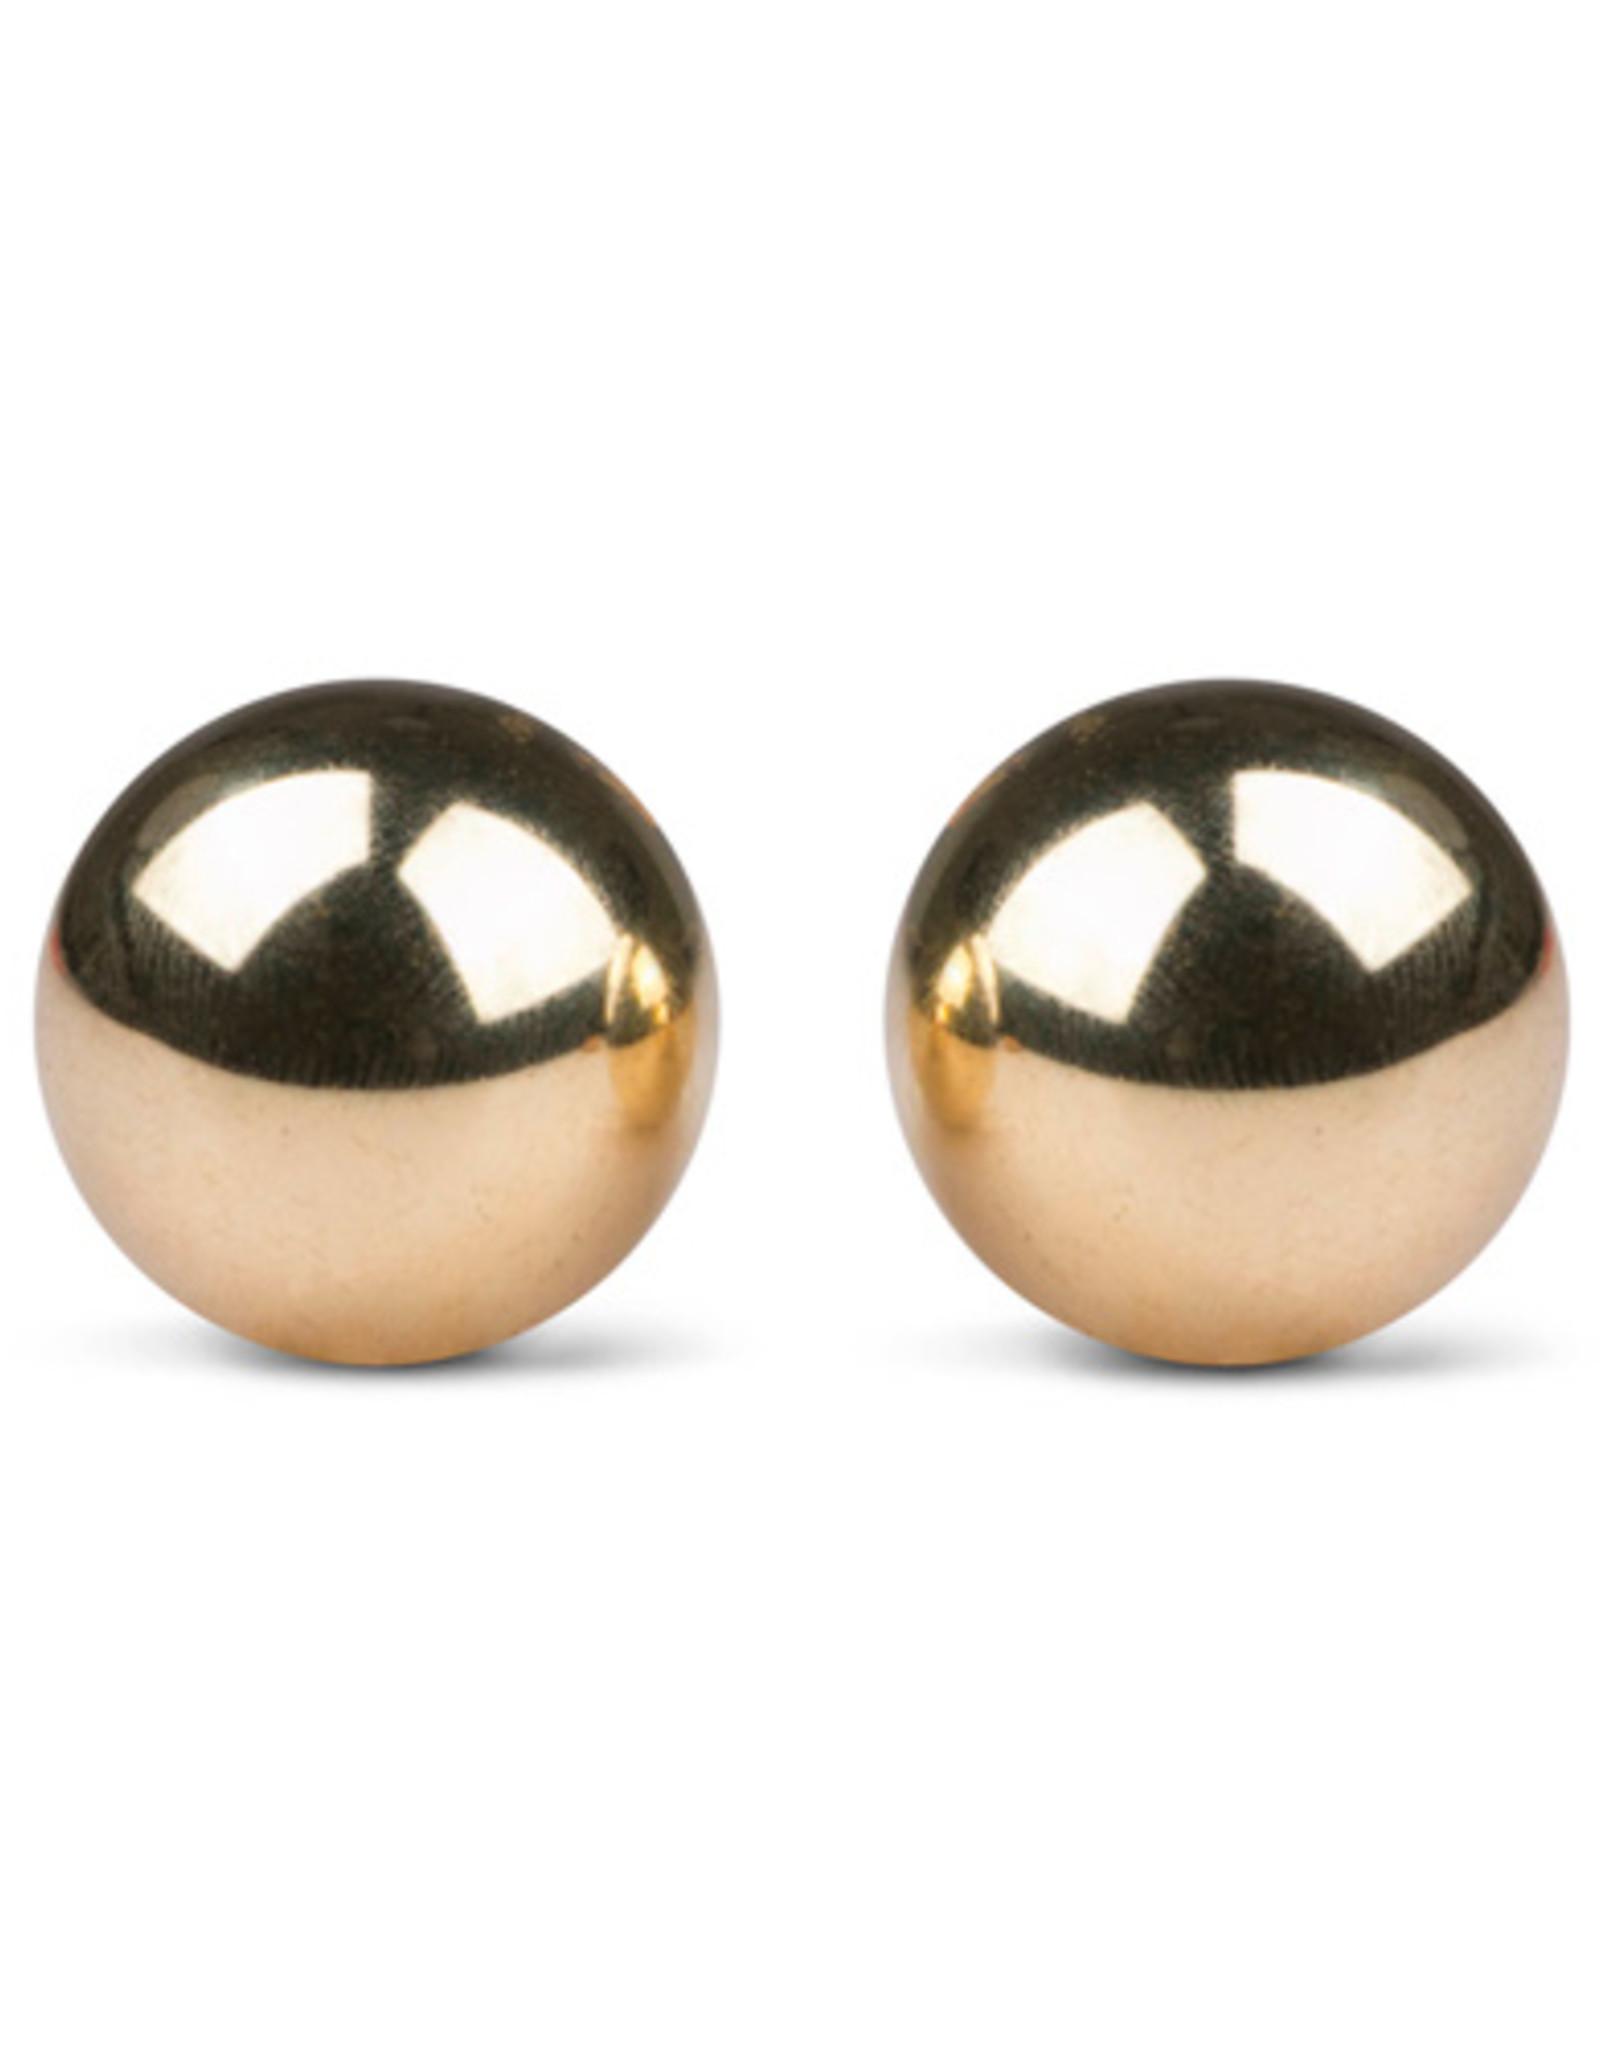 Easytoys Geisha Collection Easytoys Ben Wa Ballen 22mm - Goudkleurig